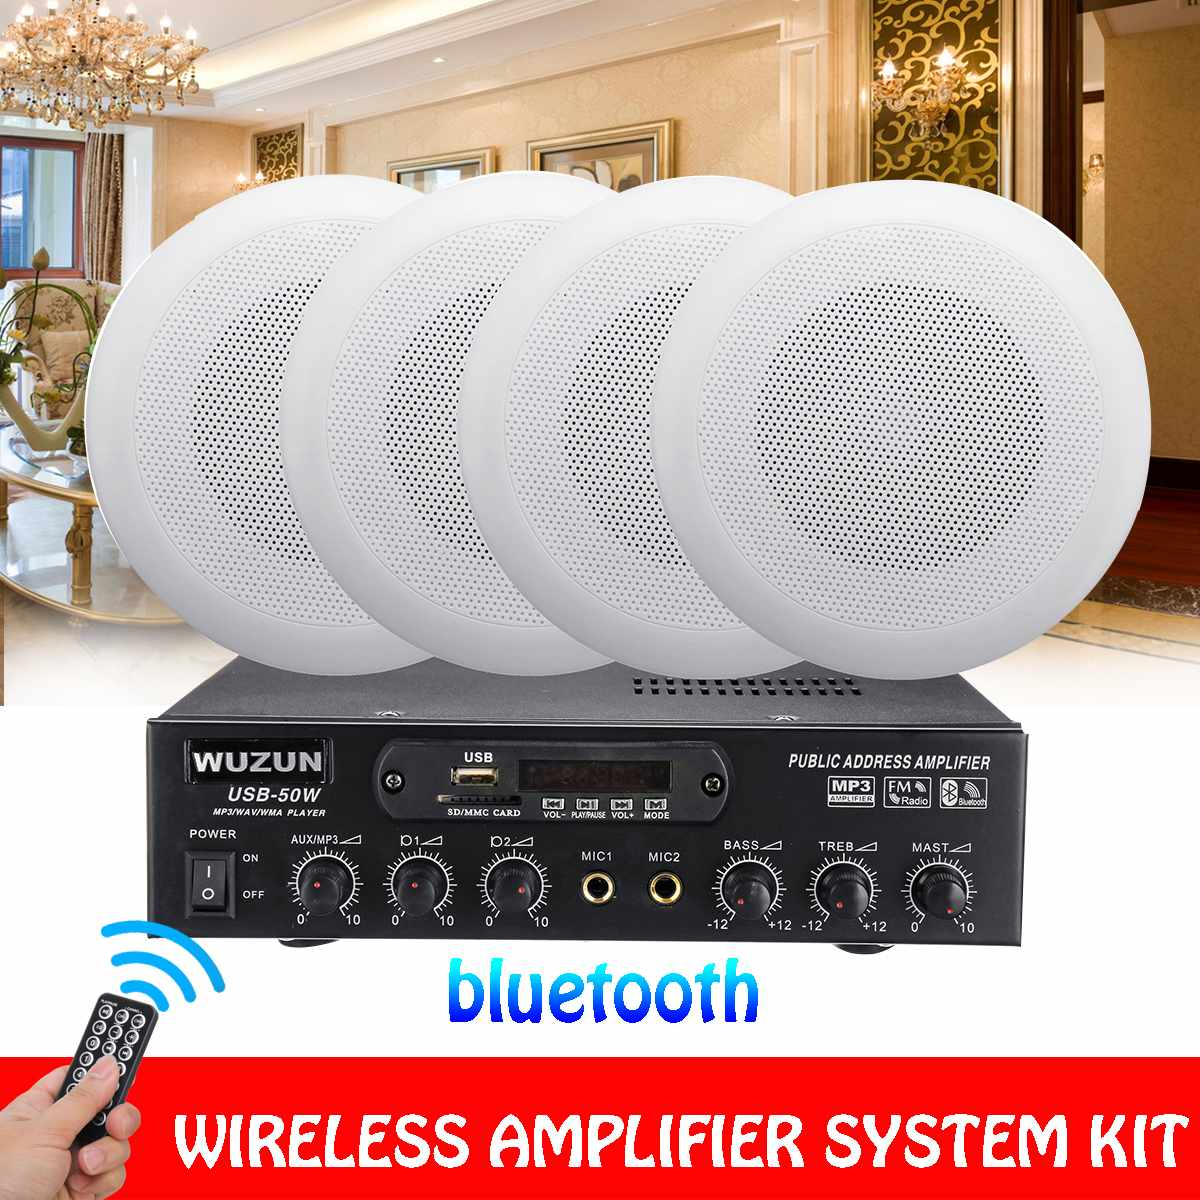 12 В/220 В HIFI аудио bluetooth усилитель сабвуфер стерео FM радио дома ТЕАТР автомобиля усилители домашние потолок динамик системы комплект